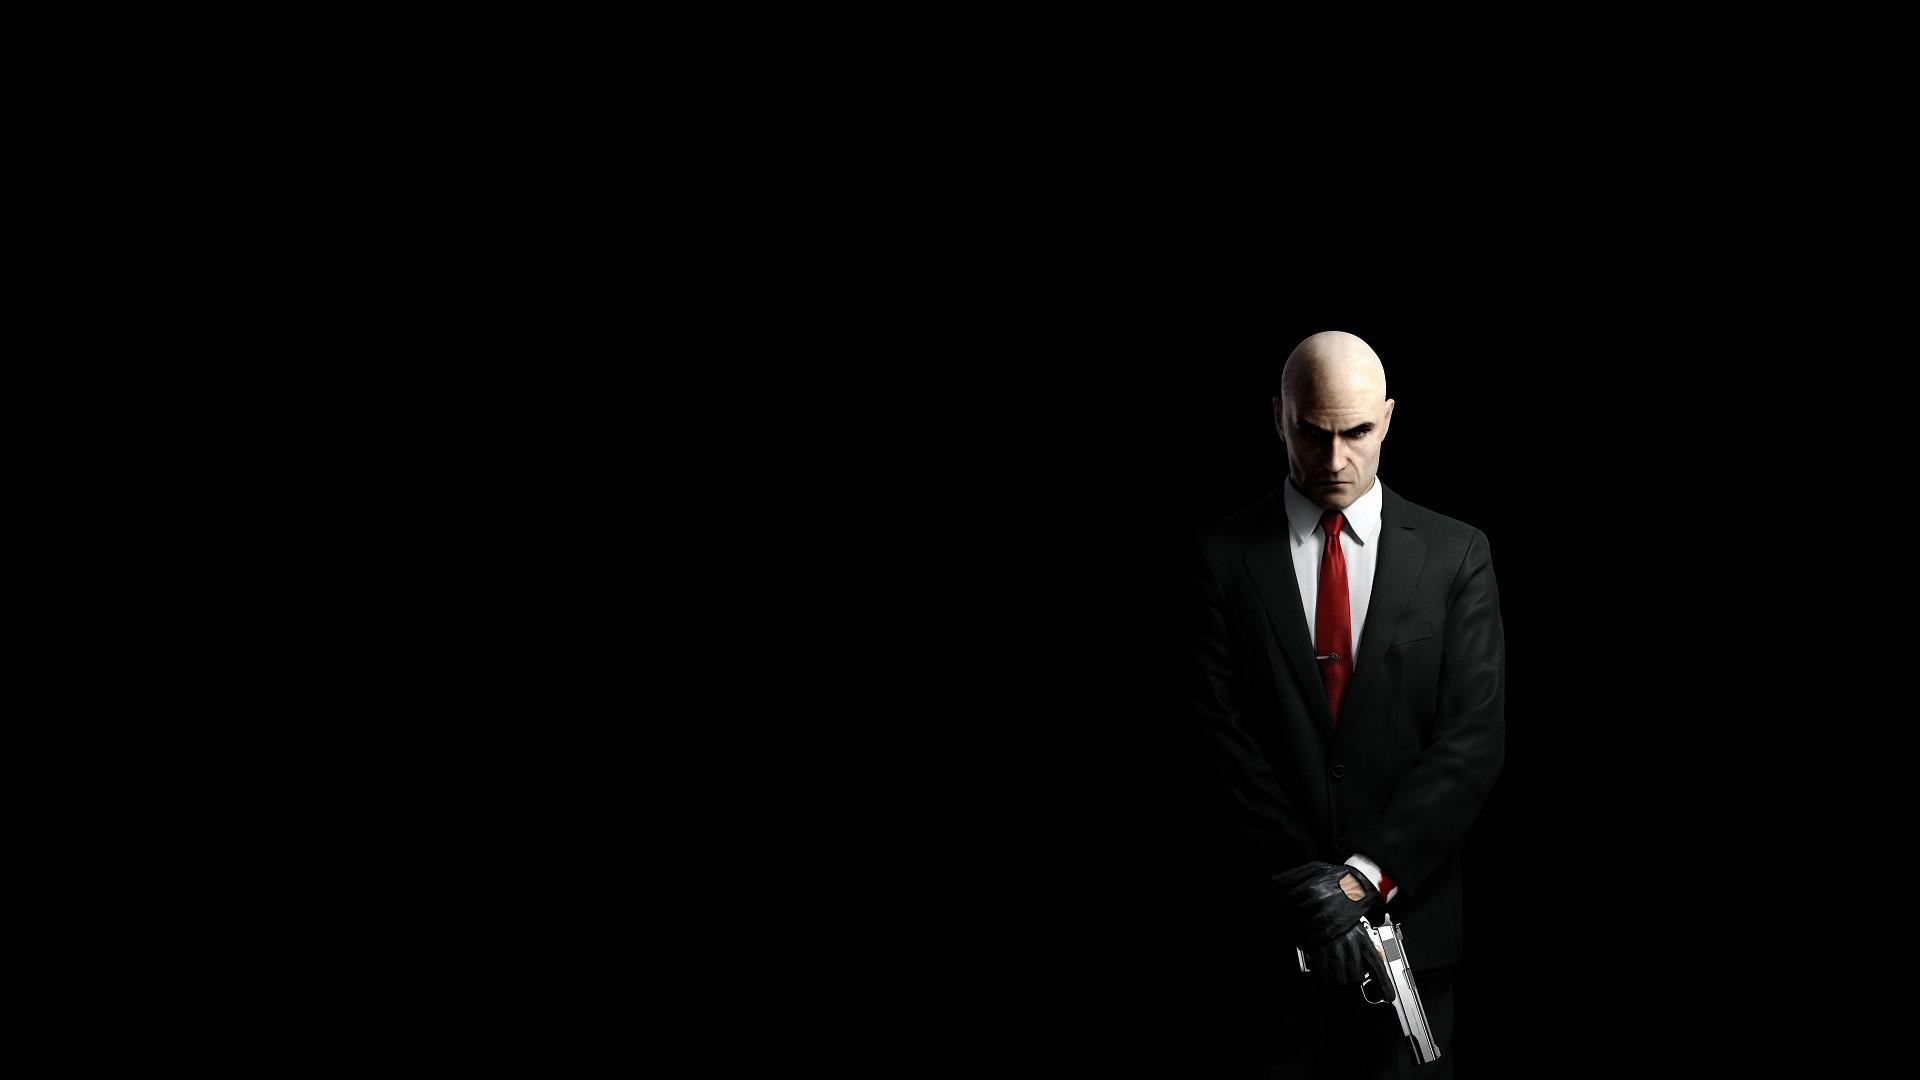 hombres negro pistola videojuegos Fondo simple fondo negro arma Hidalgo  trajes Sicario oscuridad captura de pantalla 36afdab982e